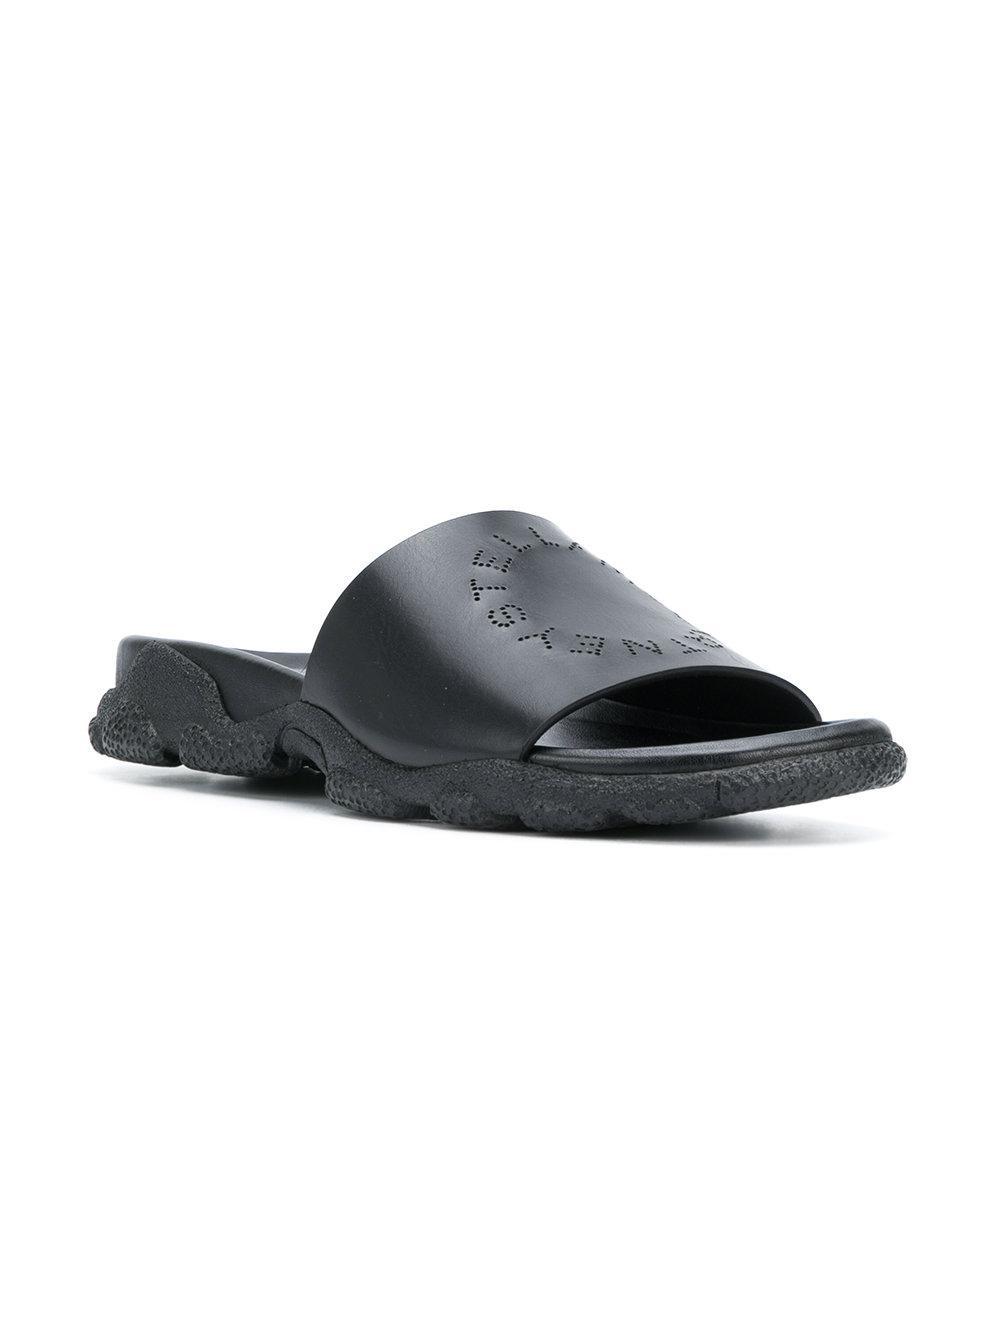 da8e42e85d99 Lyst - Stella McCartney Perforated Logo Sliders in Black for Men